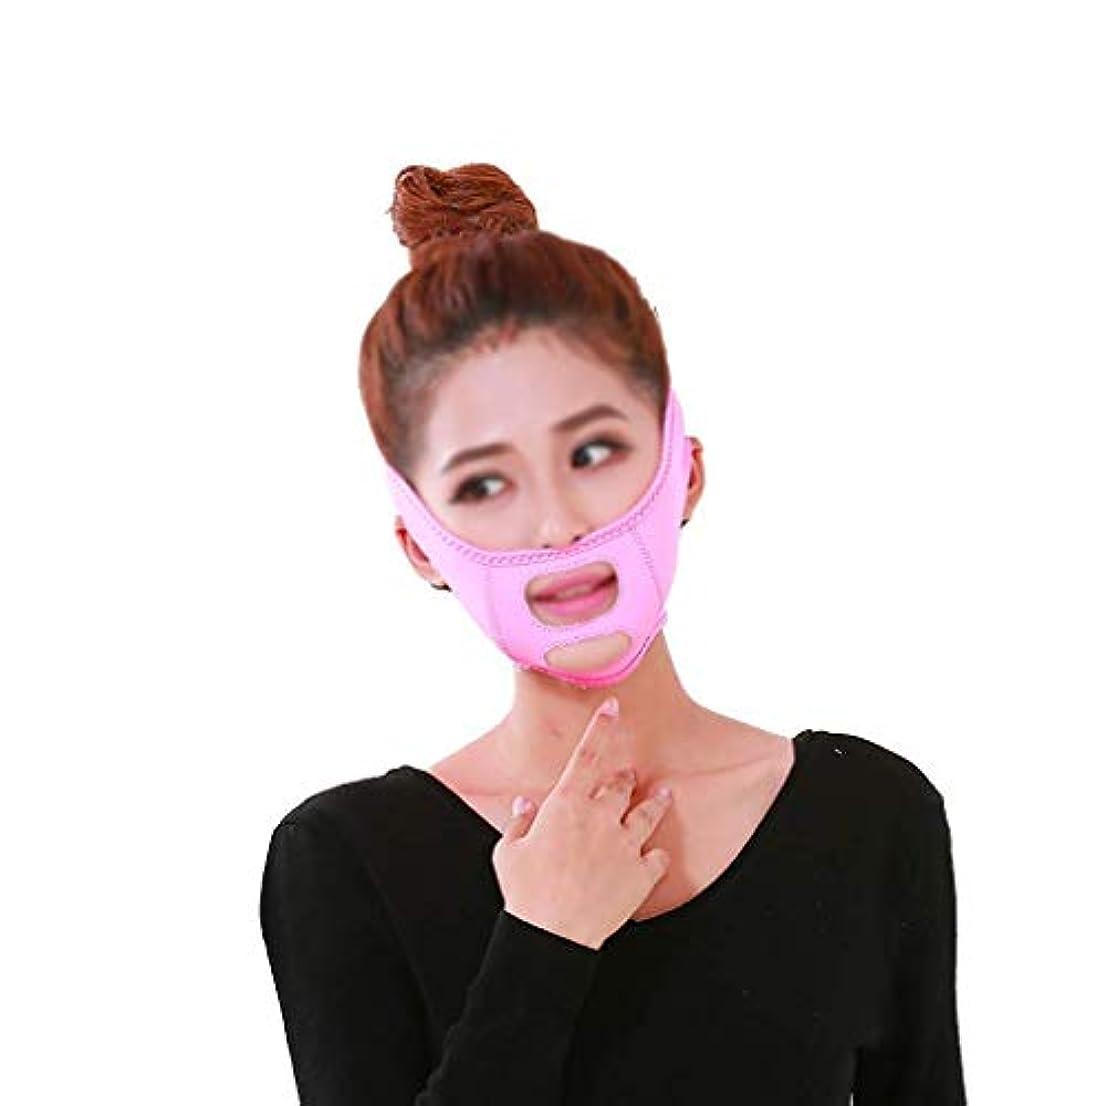 受け皿優越離れたフェイスリフトフェイシャル、フェイシャルマスクVフェイスマスクタイトで肌のリラクゼーションを防止Vフェイスアーティファクトフェイスリフトバンデージフェイスケア(色:青)